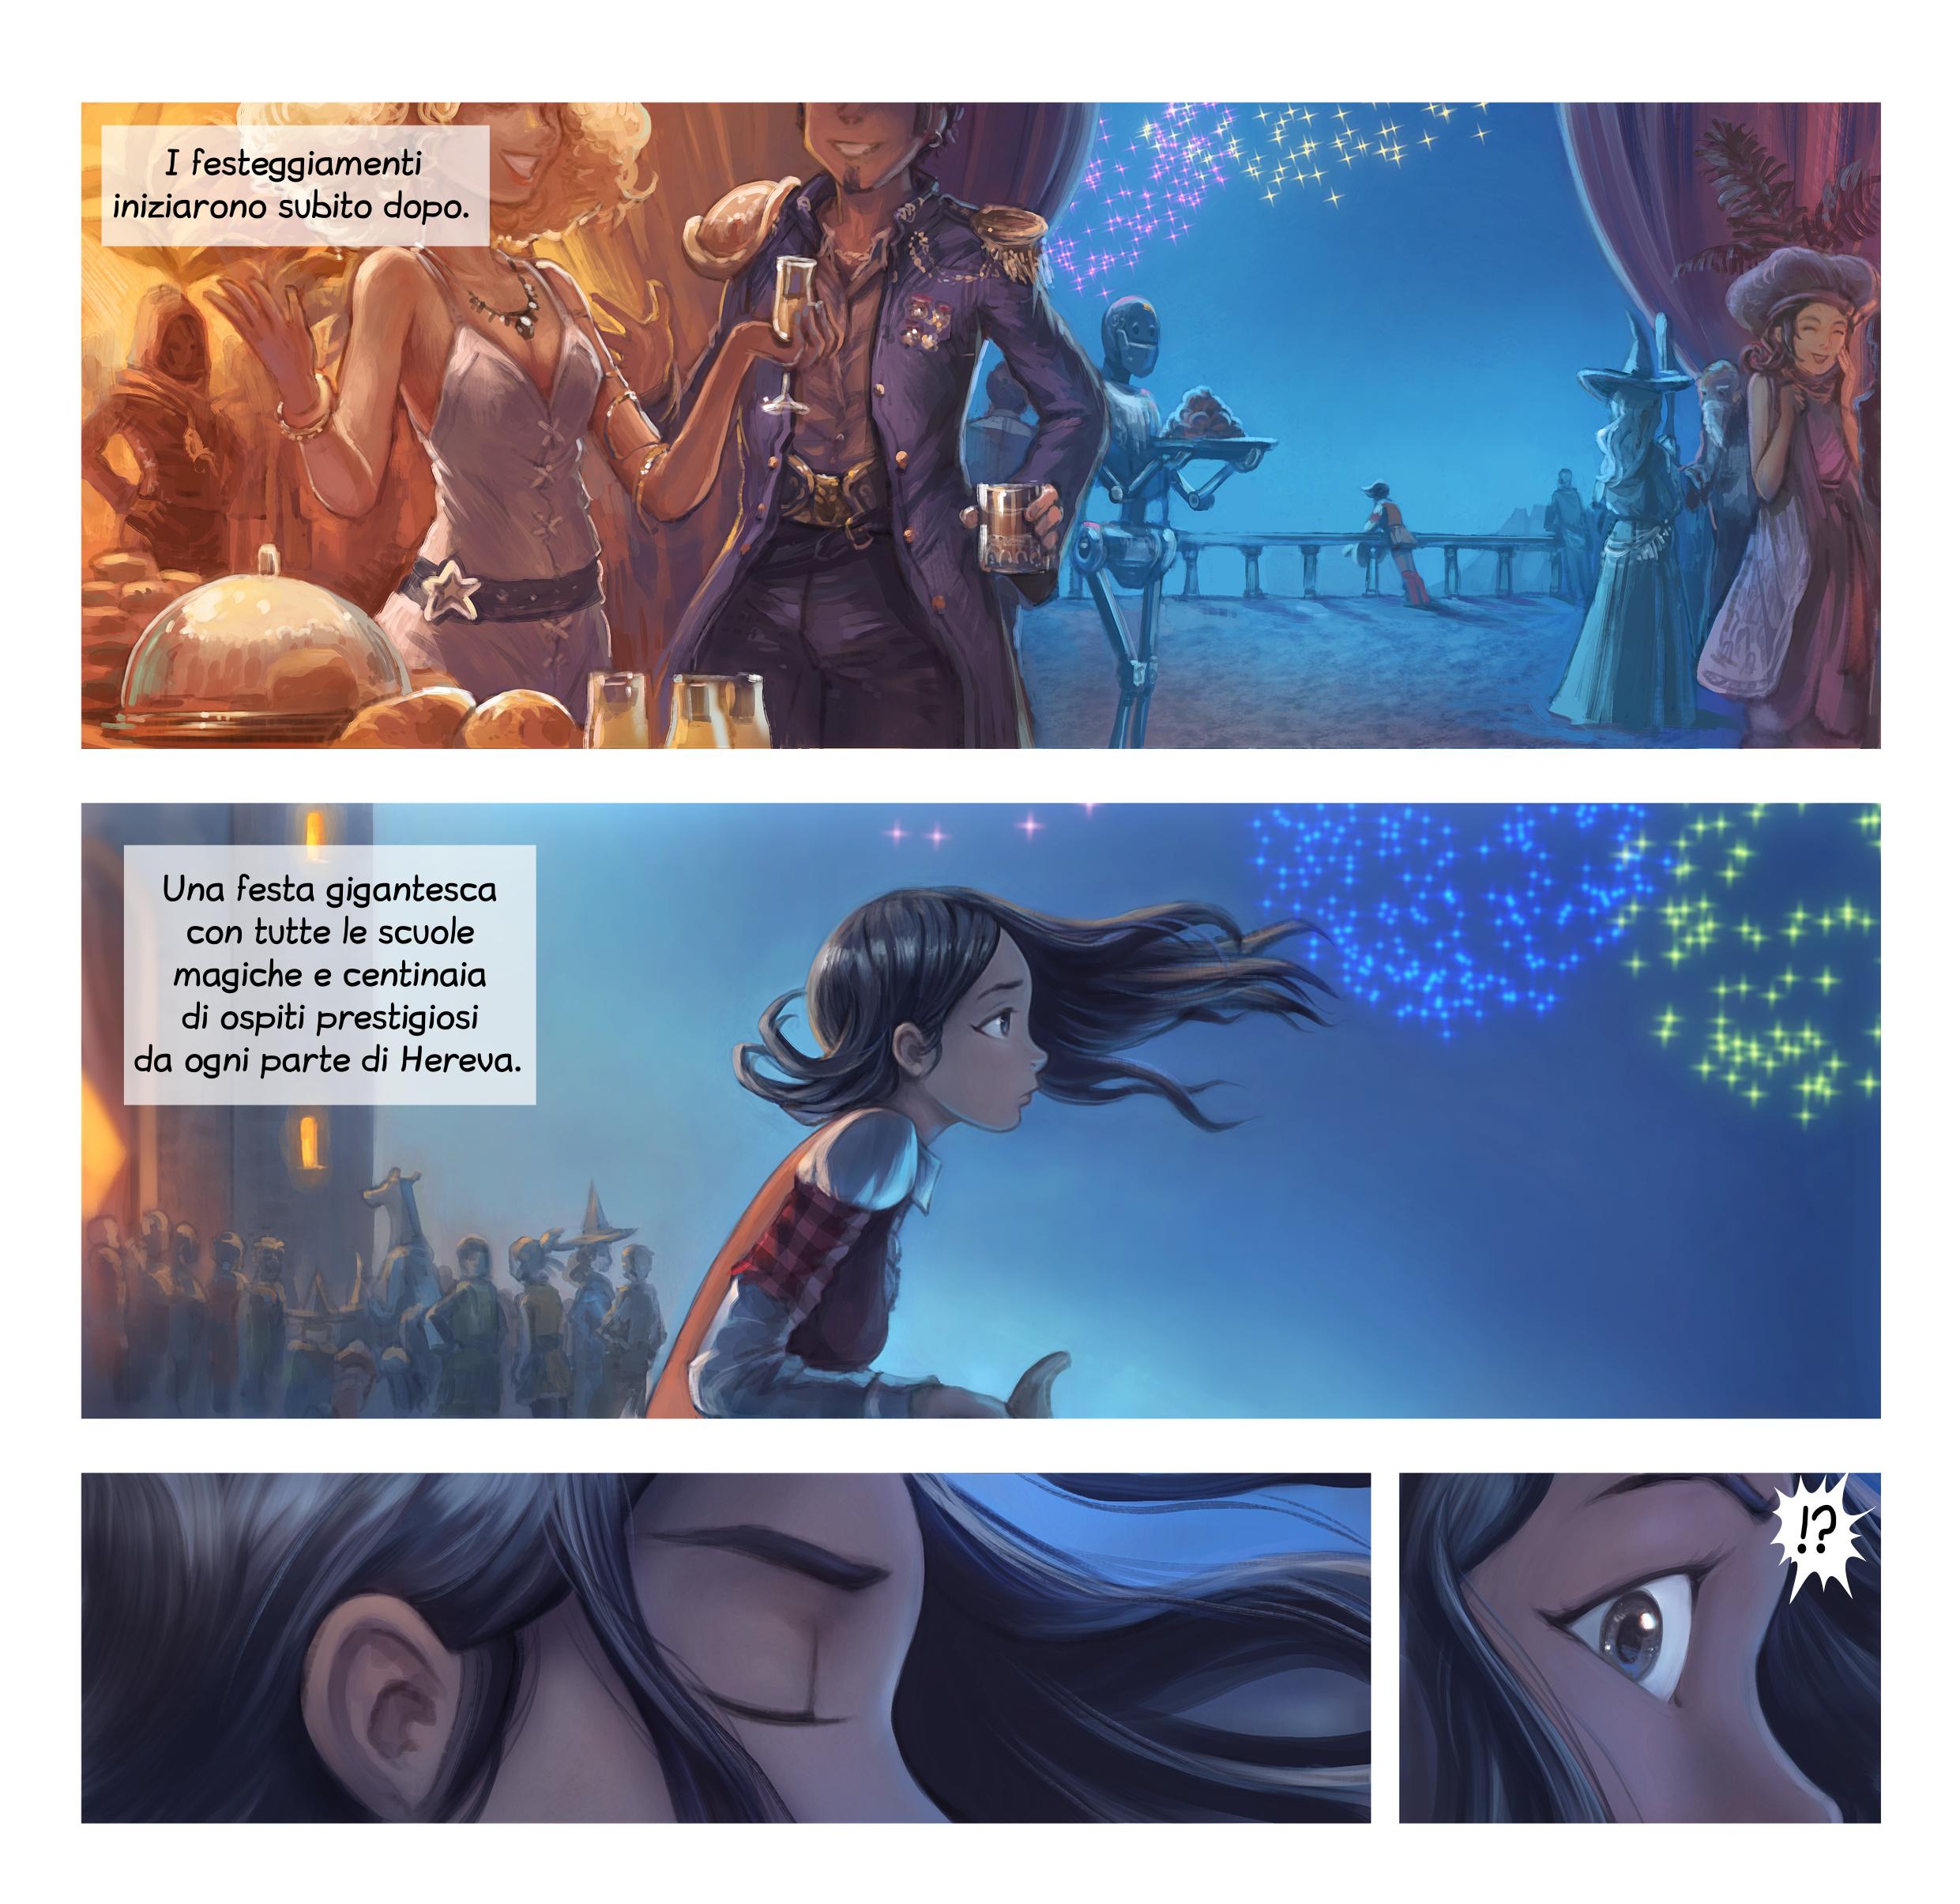 Episodio 28: I festeggiamenti, Page 3